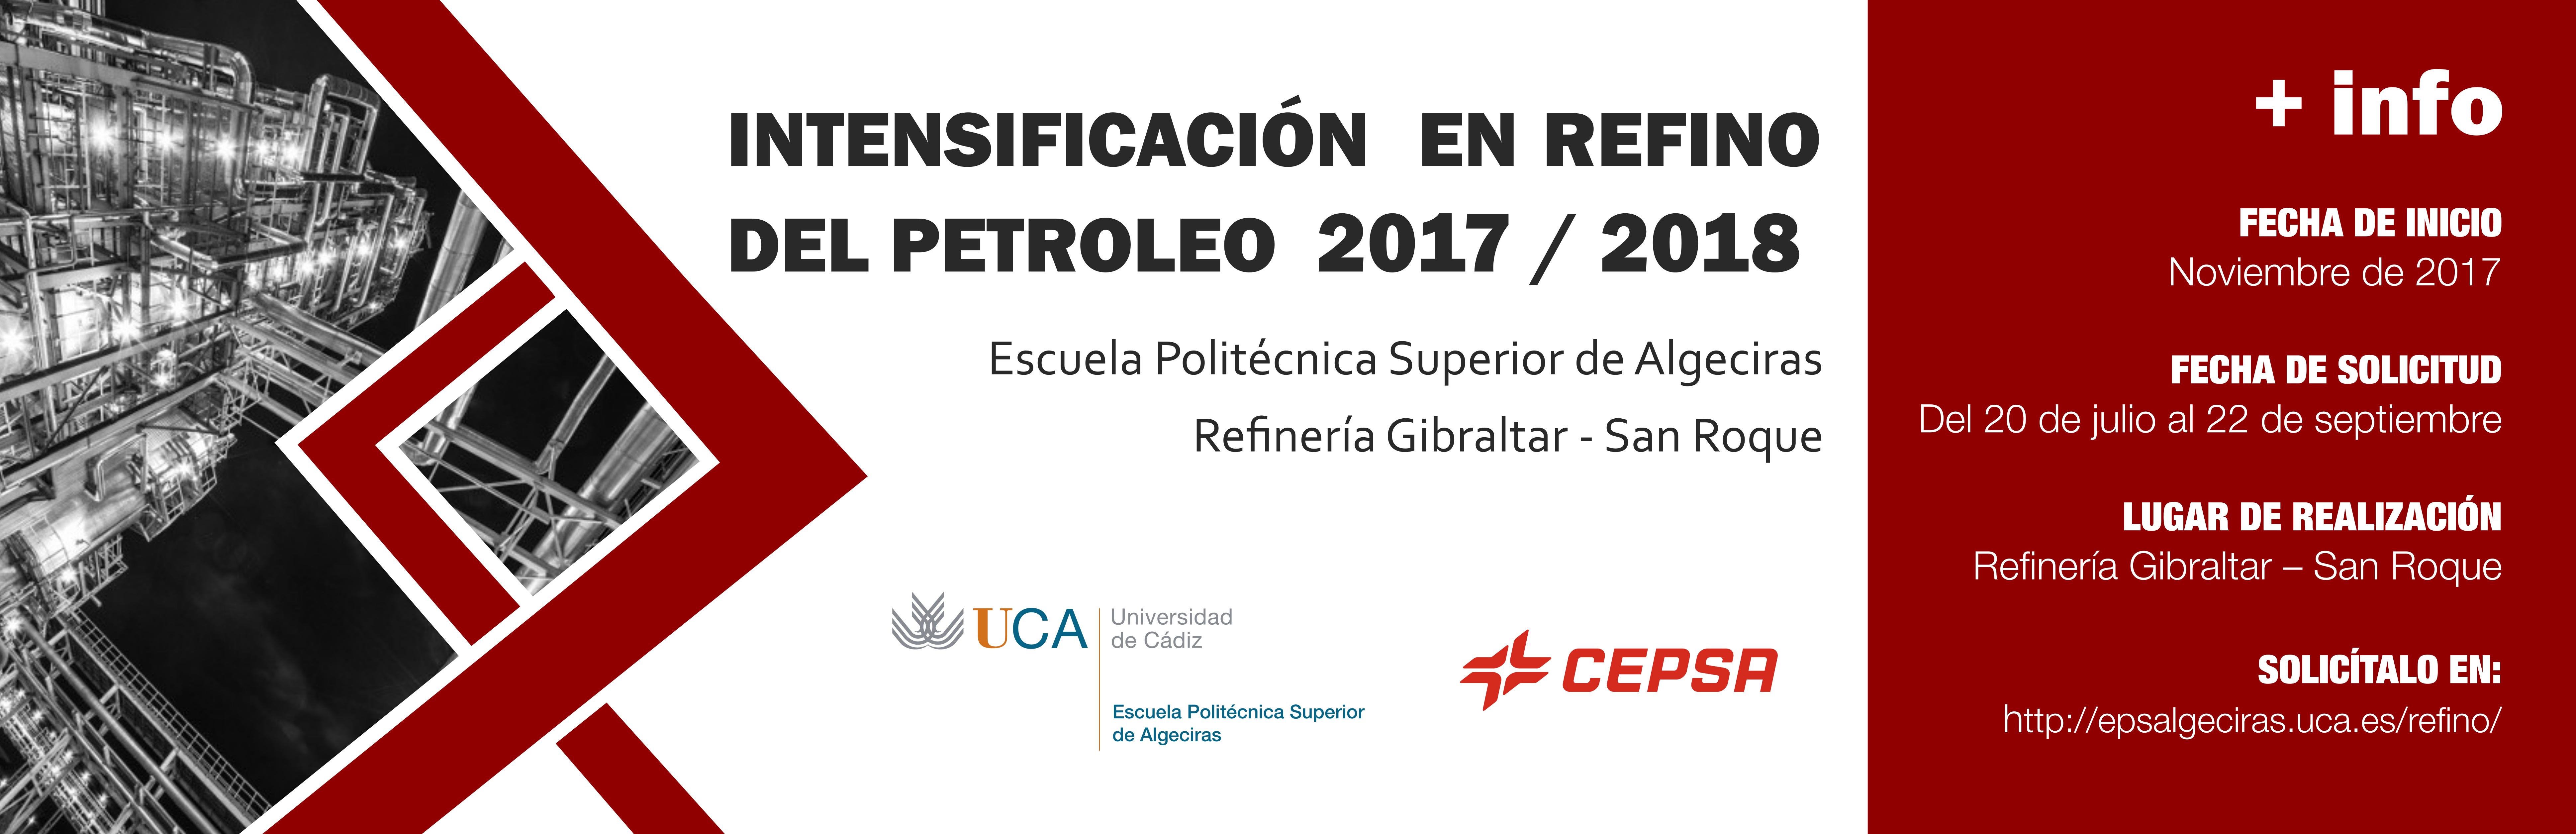 Intensificación en refino del petróleo